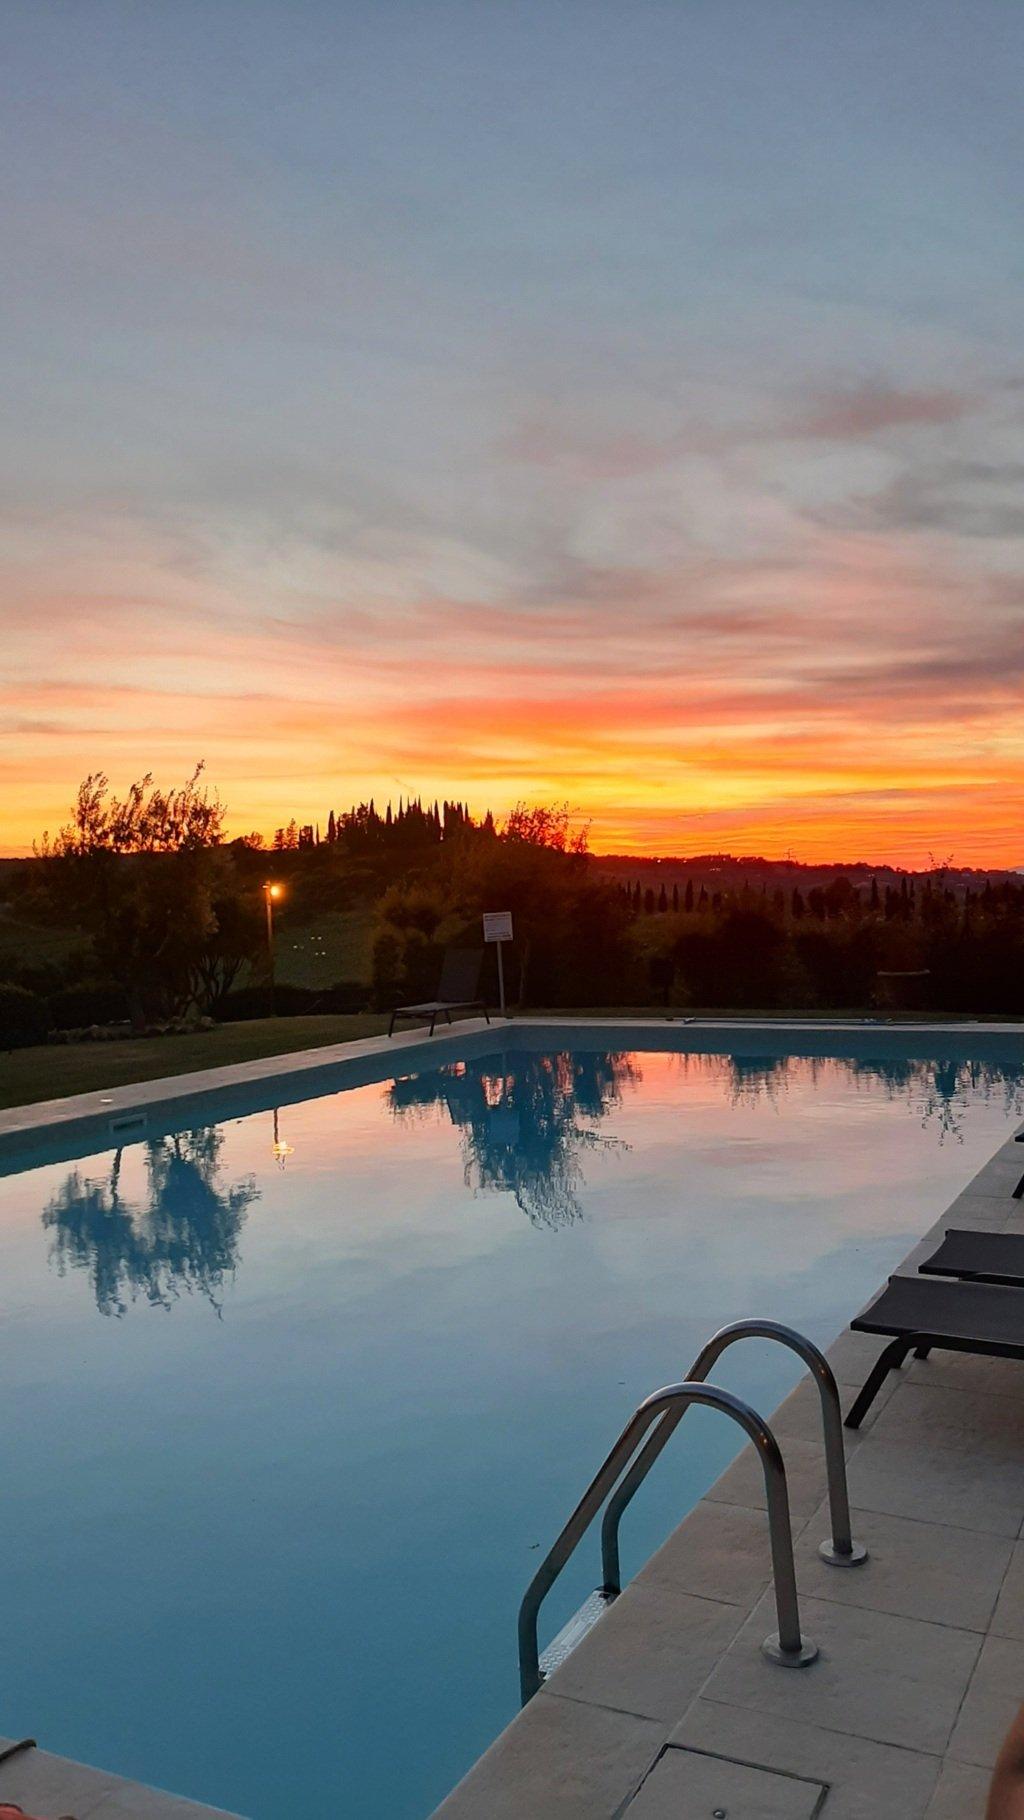 Tramonto a bordo piscina in una villa in Toscana